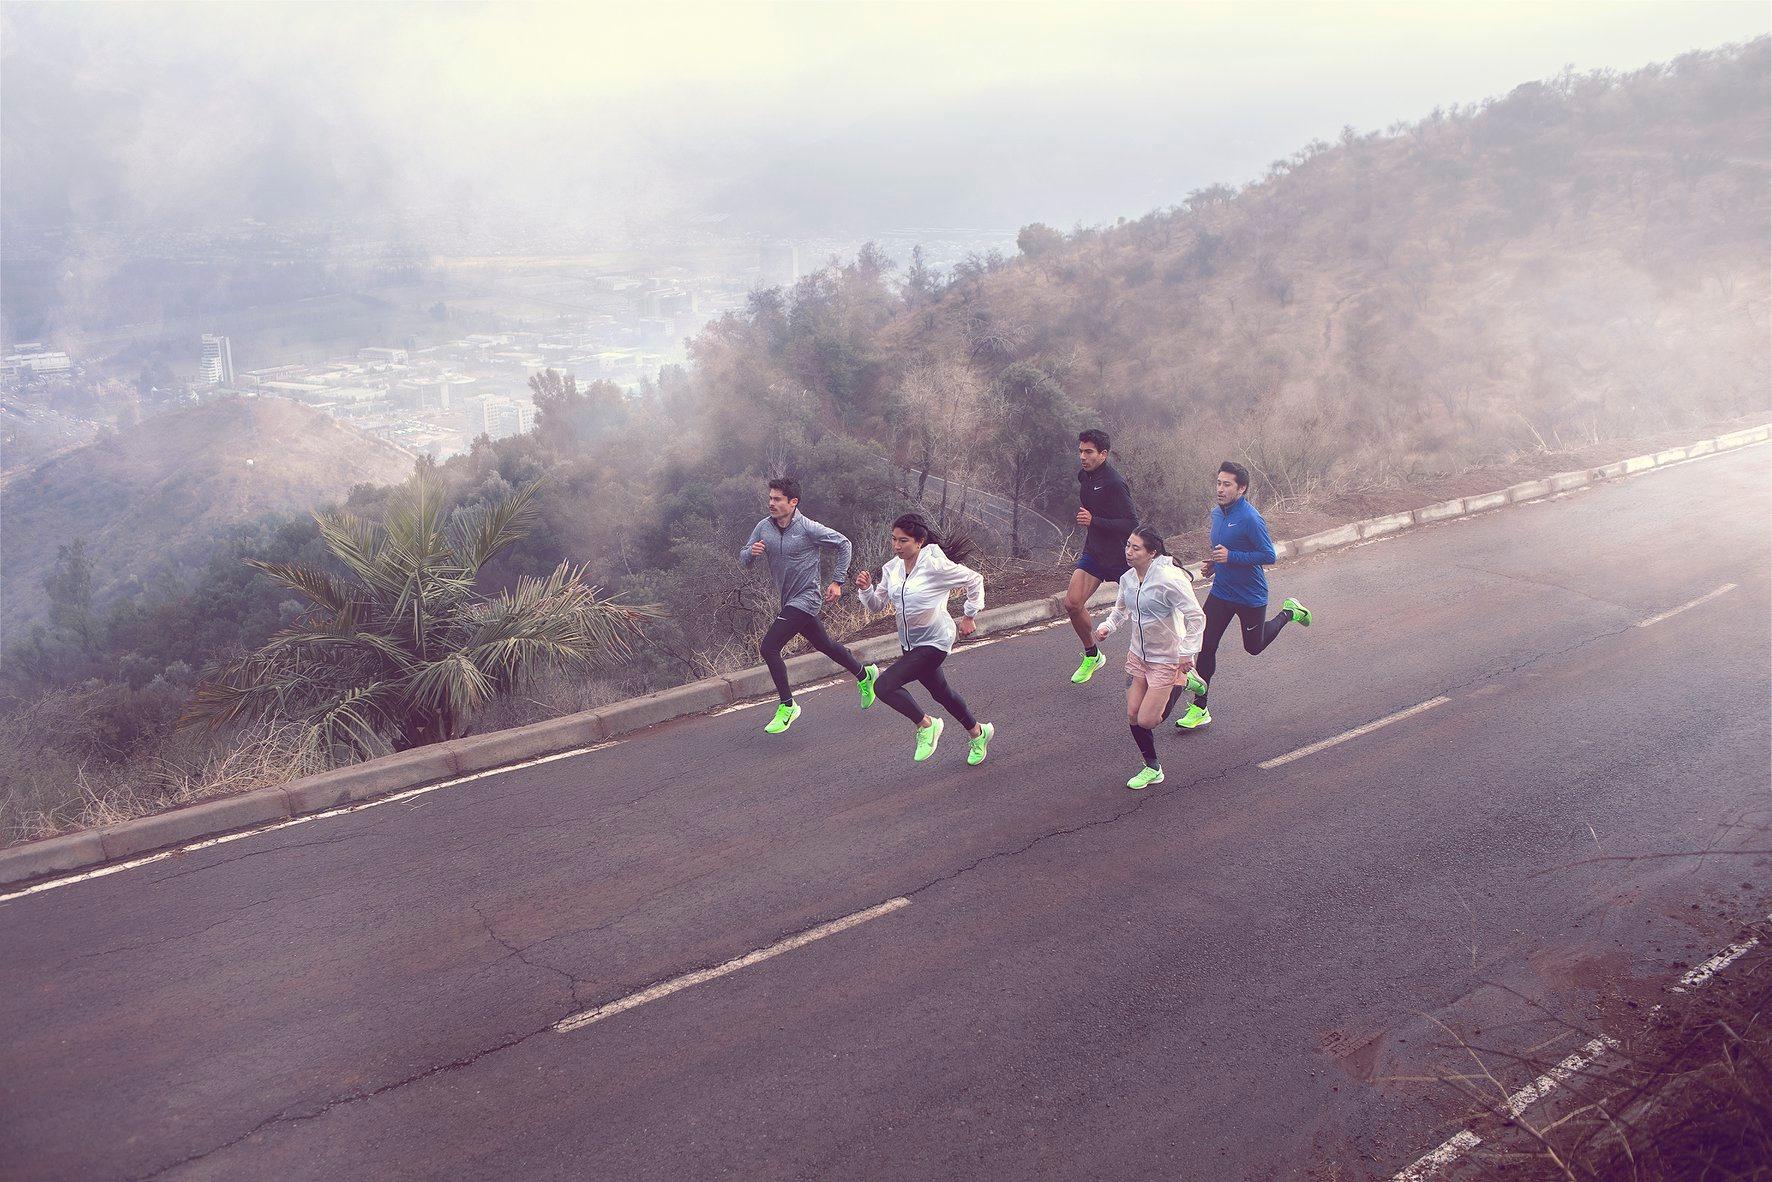 Seguro arcilla Sano  Nike será el nuevo sponsor técnico del Maratón de Santiago a partir de 2020  | ViRun